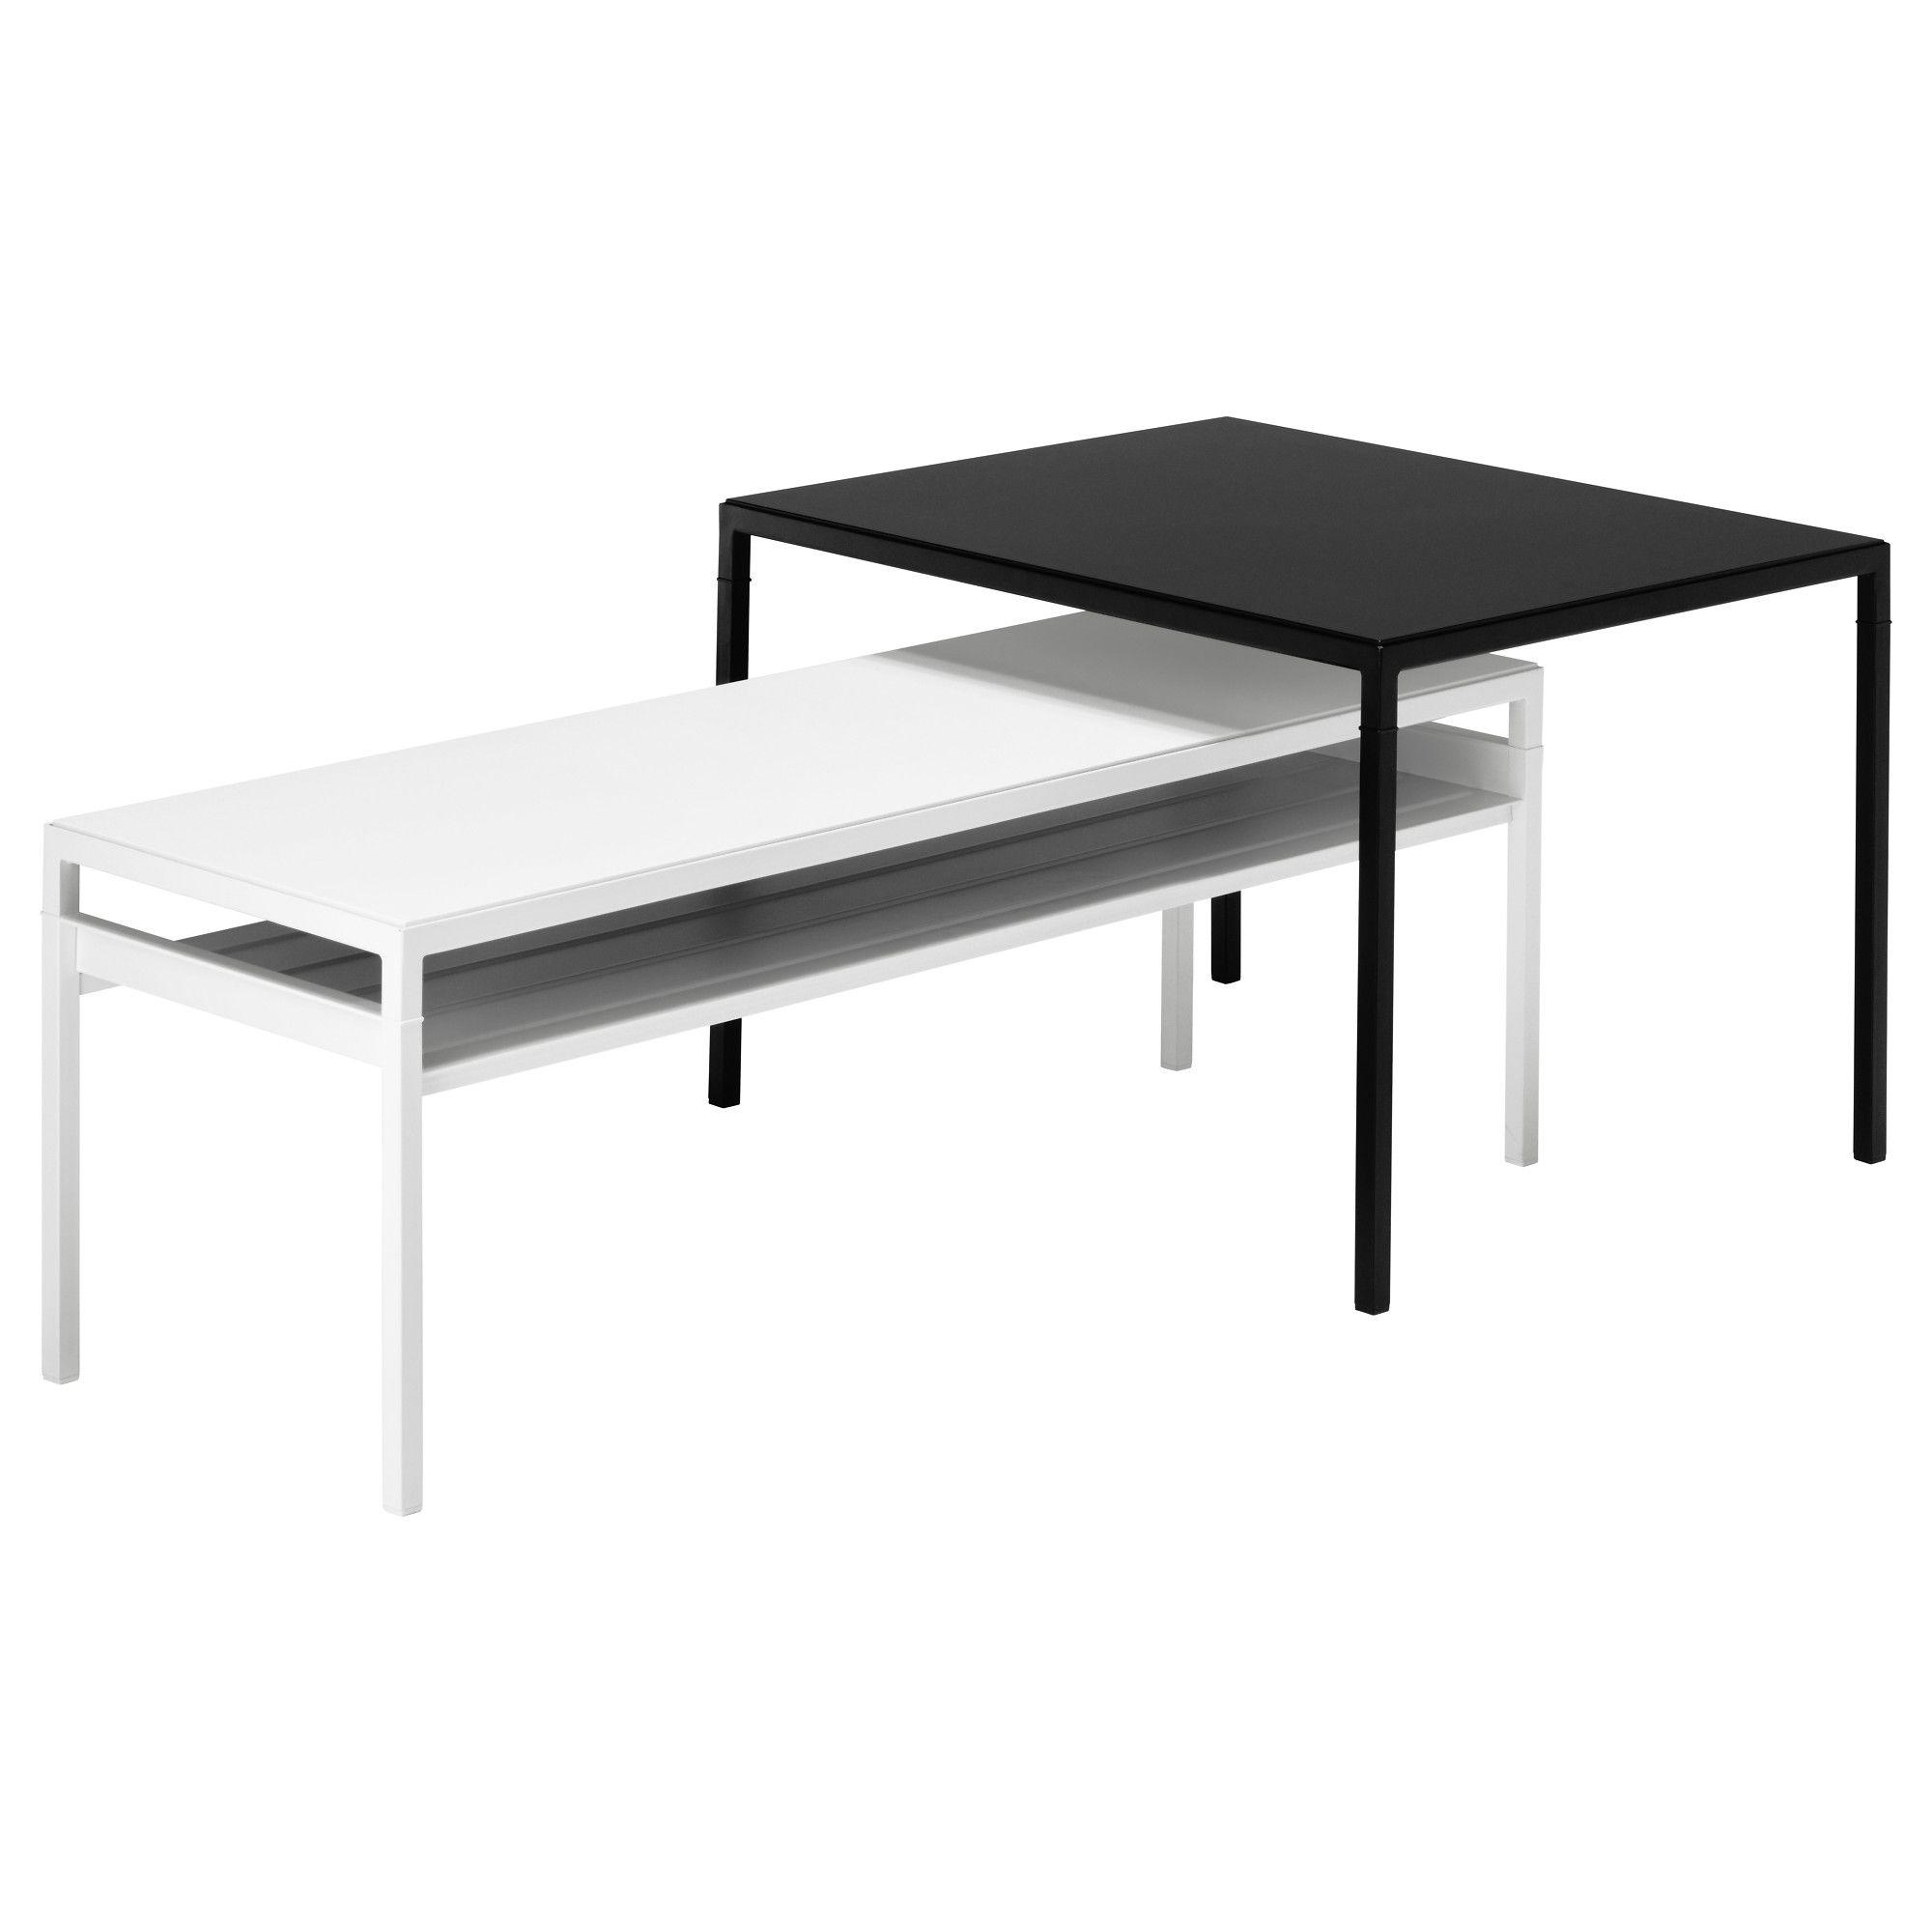 NYBODA, Satztisch/wendbare Platten, Er Set, Schwarz/weiß Jetzt Bestellen